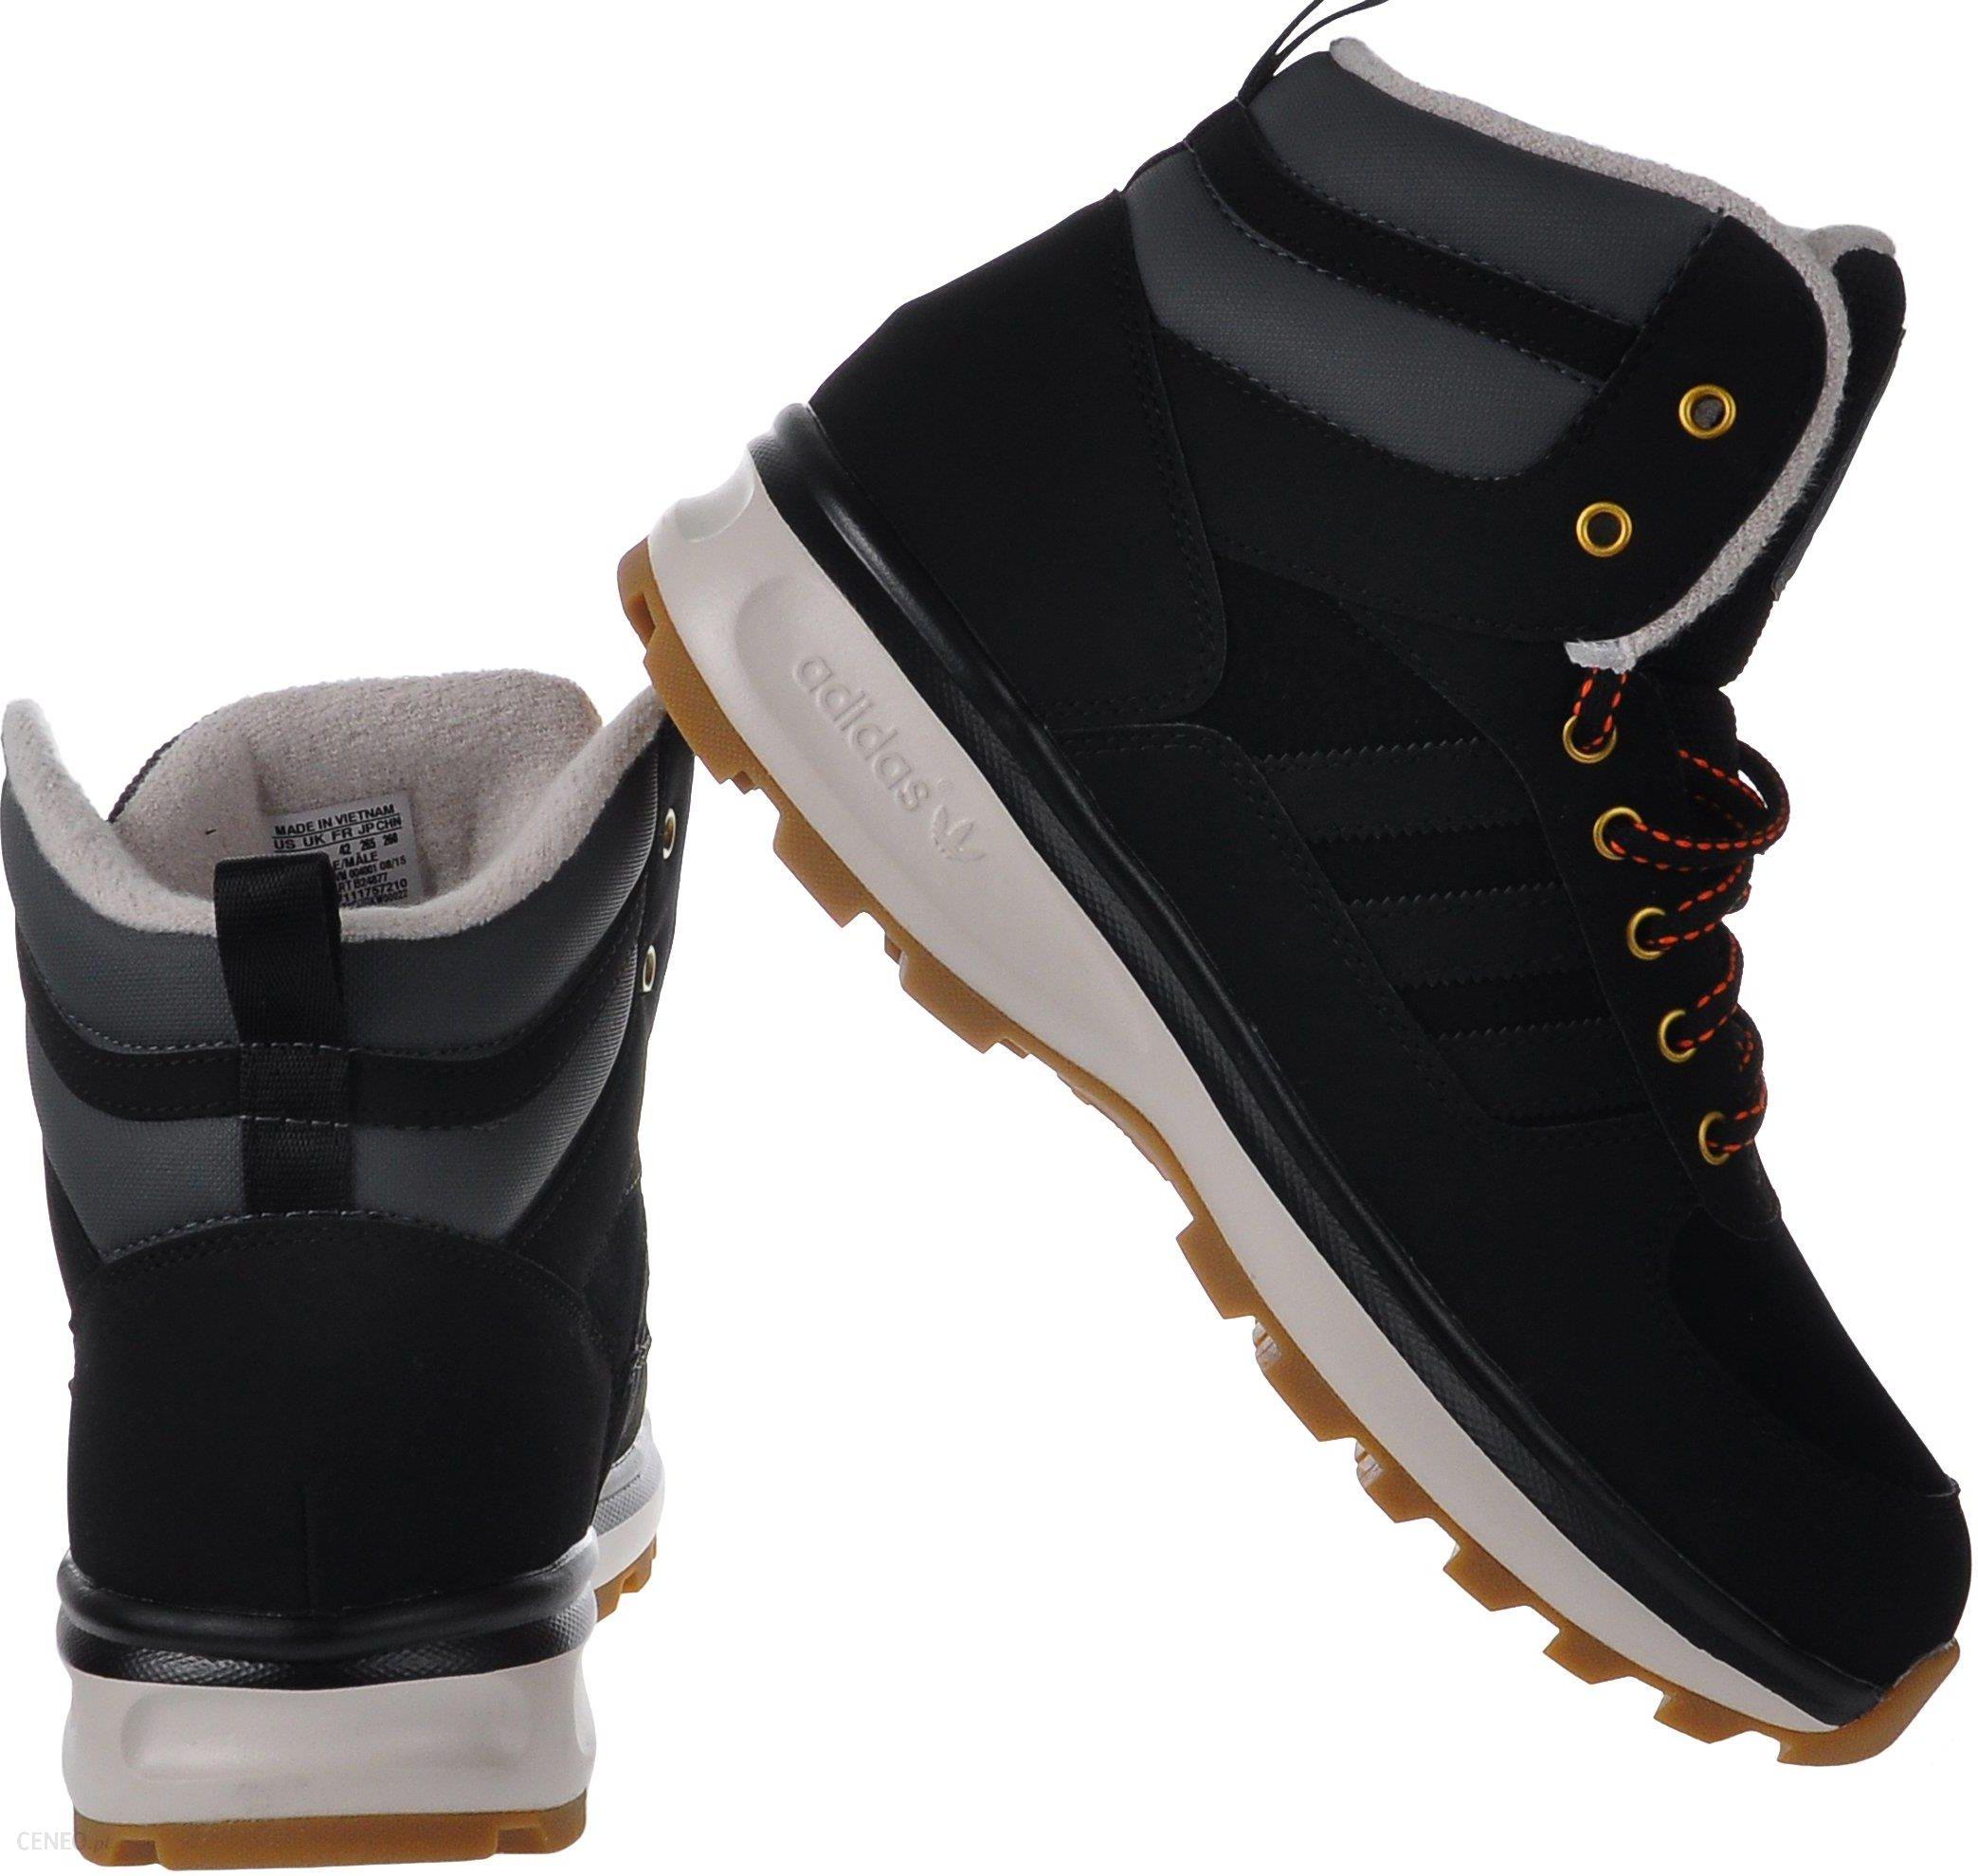 nowy design wyglądają dobrze wyprzedaż buty nowe promocje Buty Zimowe Męskie Adidas Chasker B24877 r.41 1/3